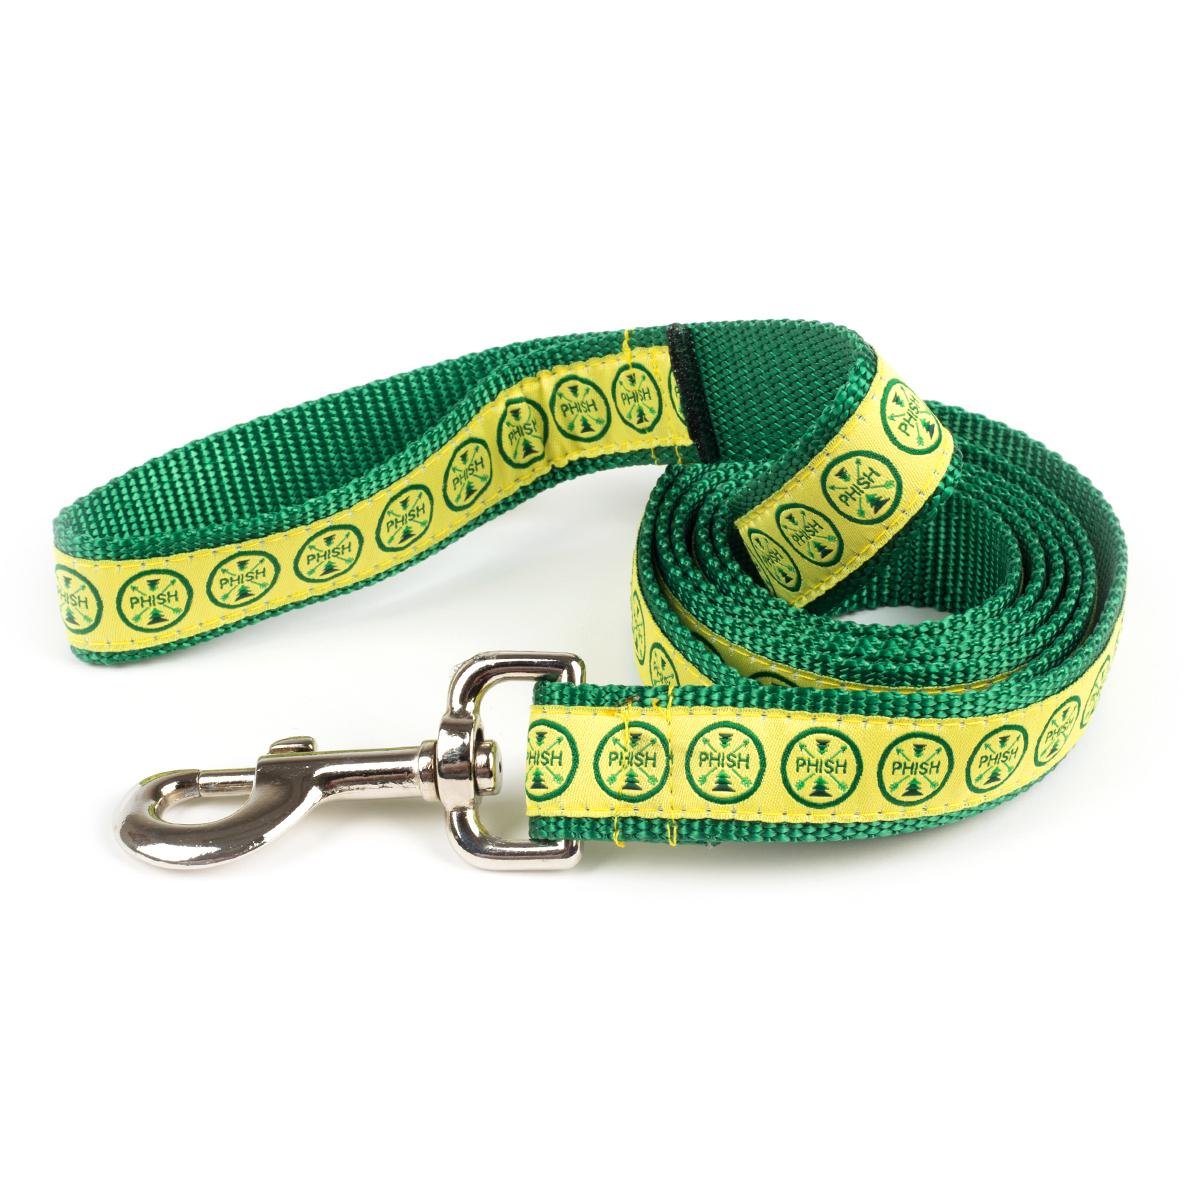 Phish Dog Collar Large